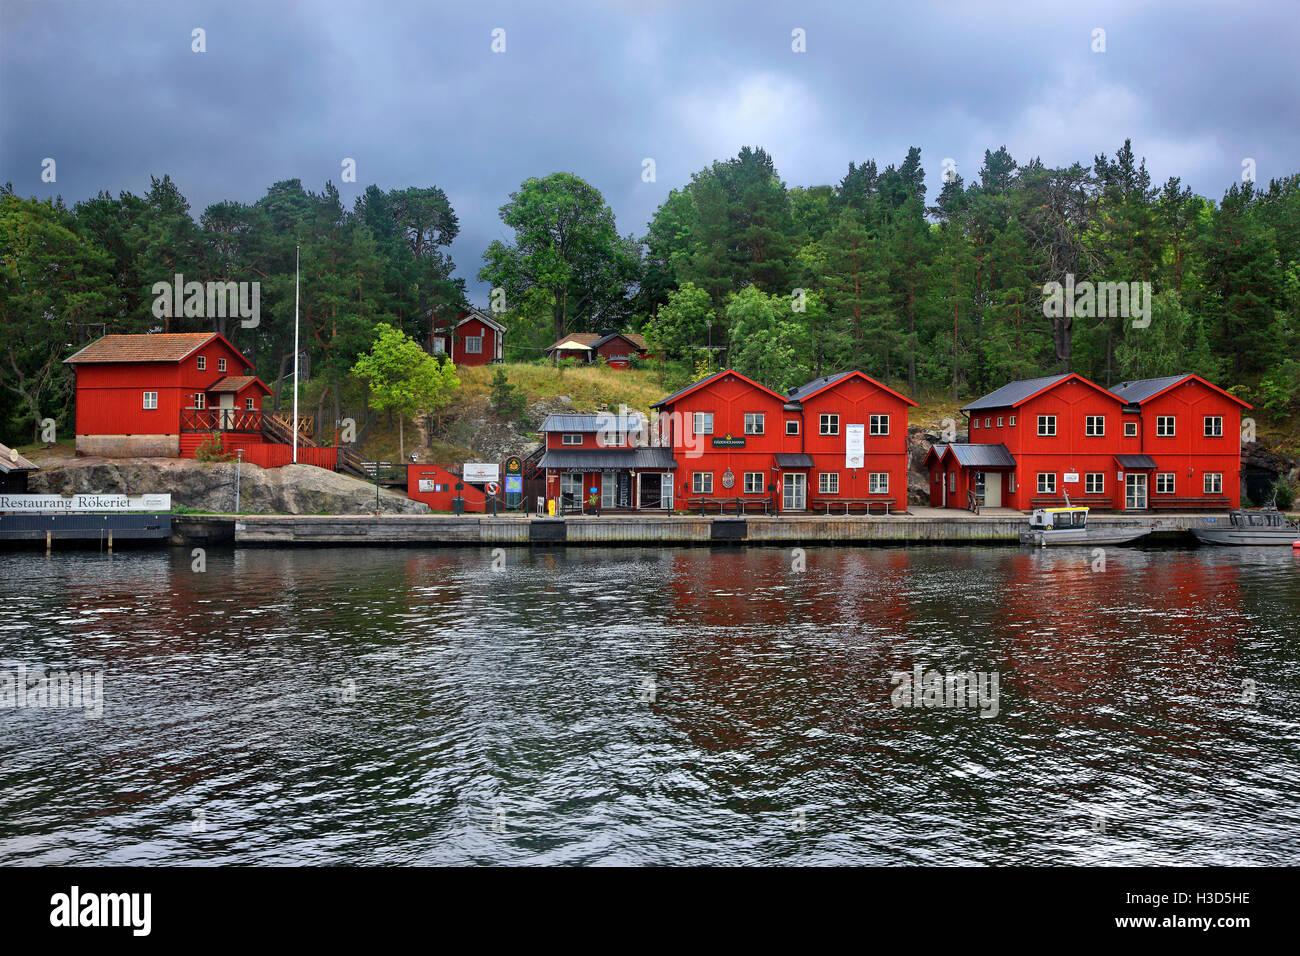 Fjäderholmarna Insel in den Schären von Stockholm, Schweden. Blick vom Schiff während einer täglichen Stockbild